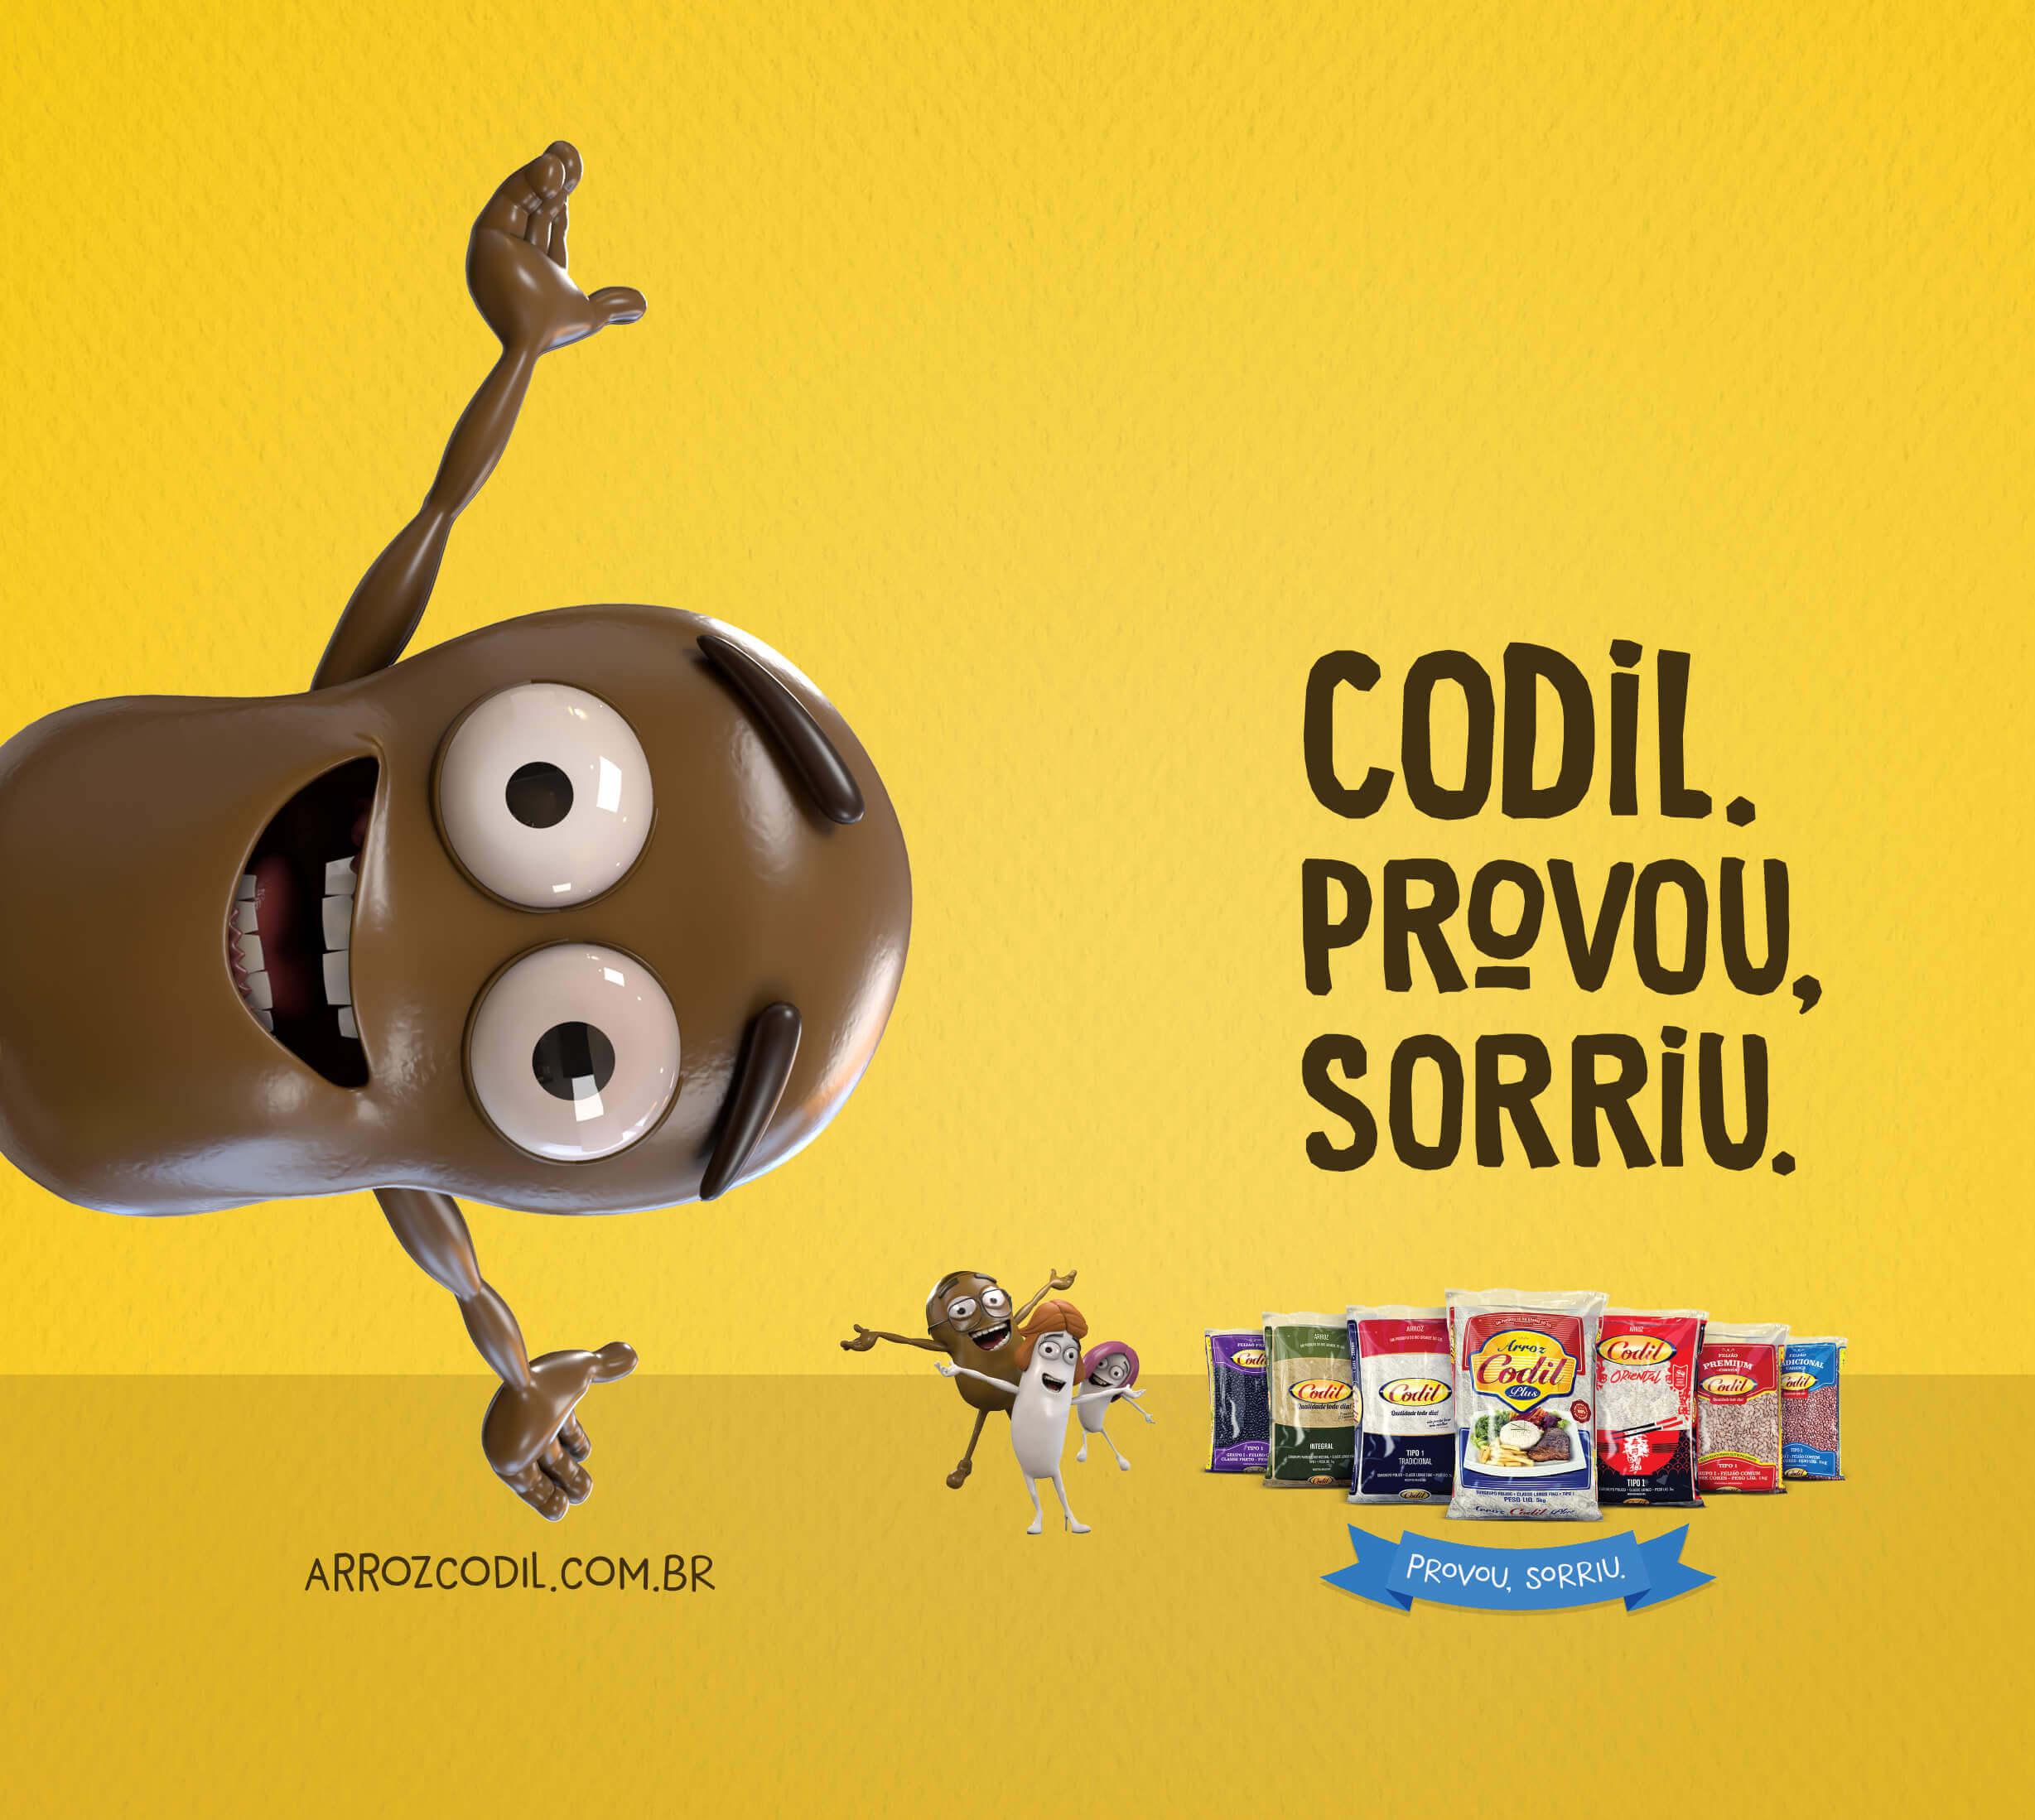 Produtos Codil